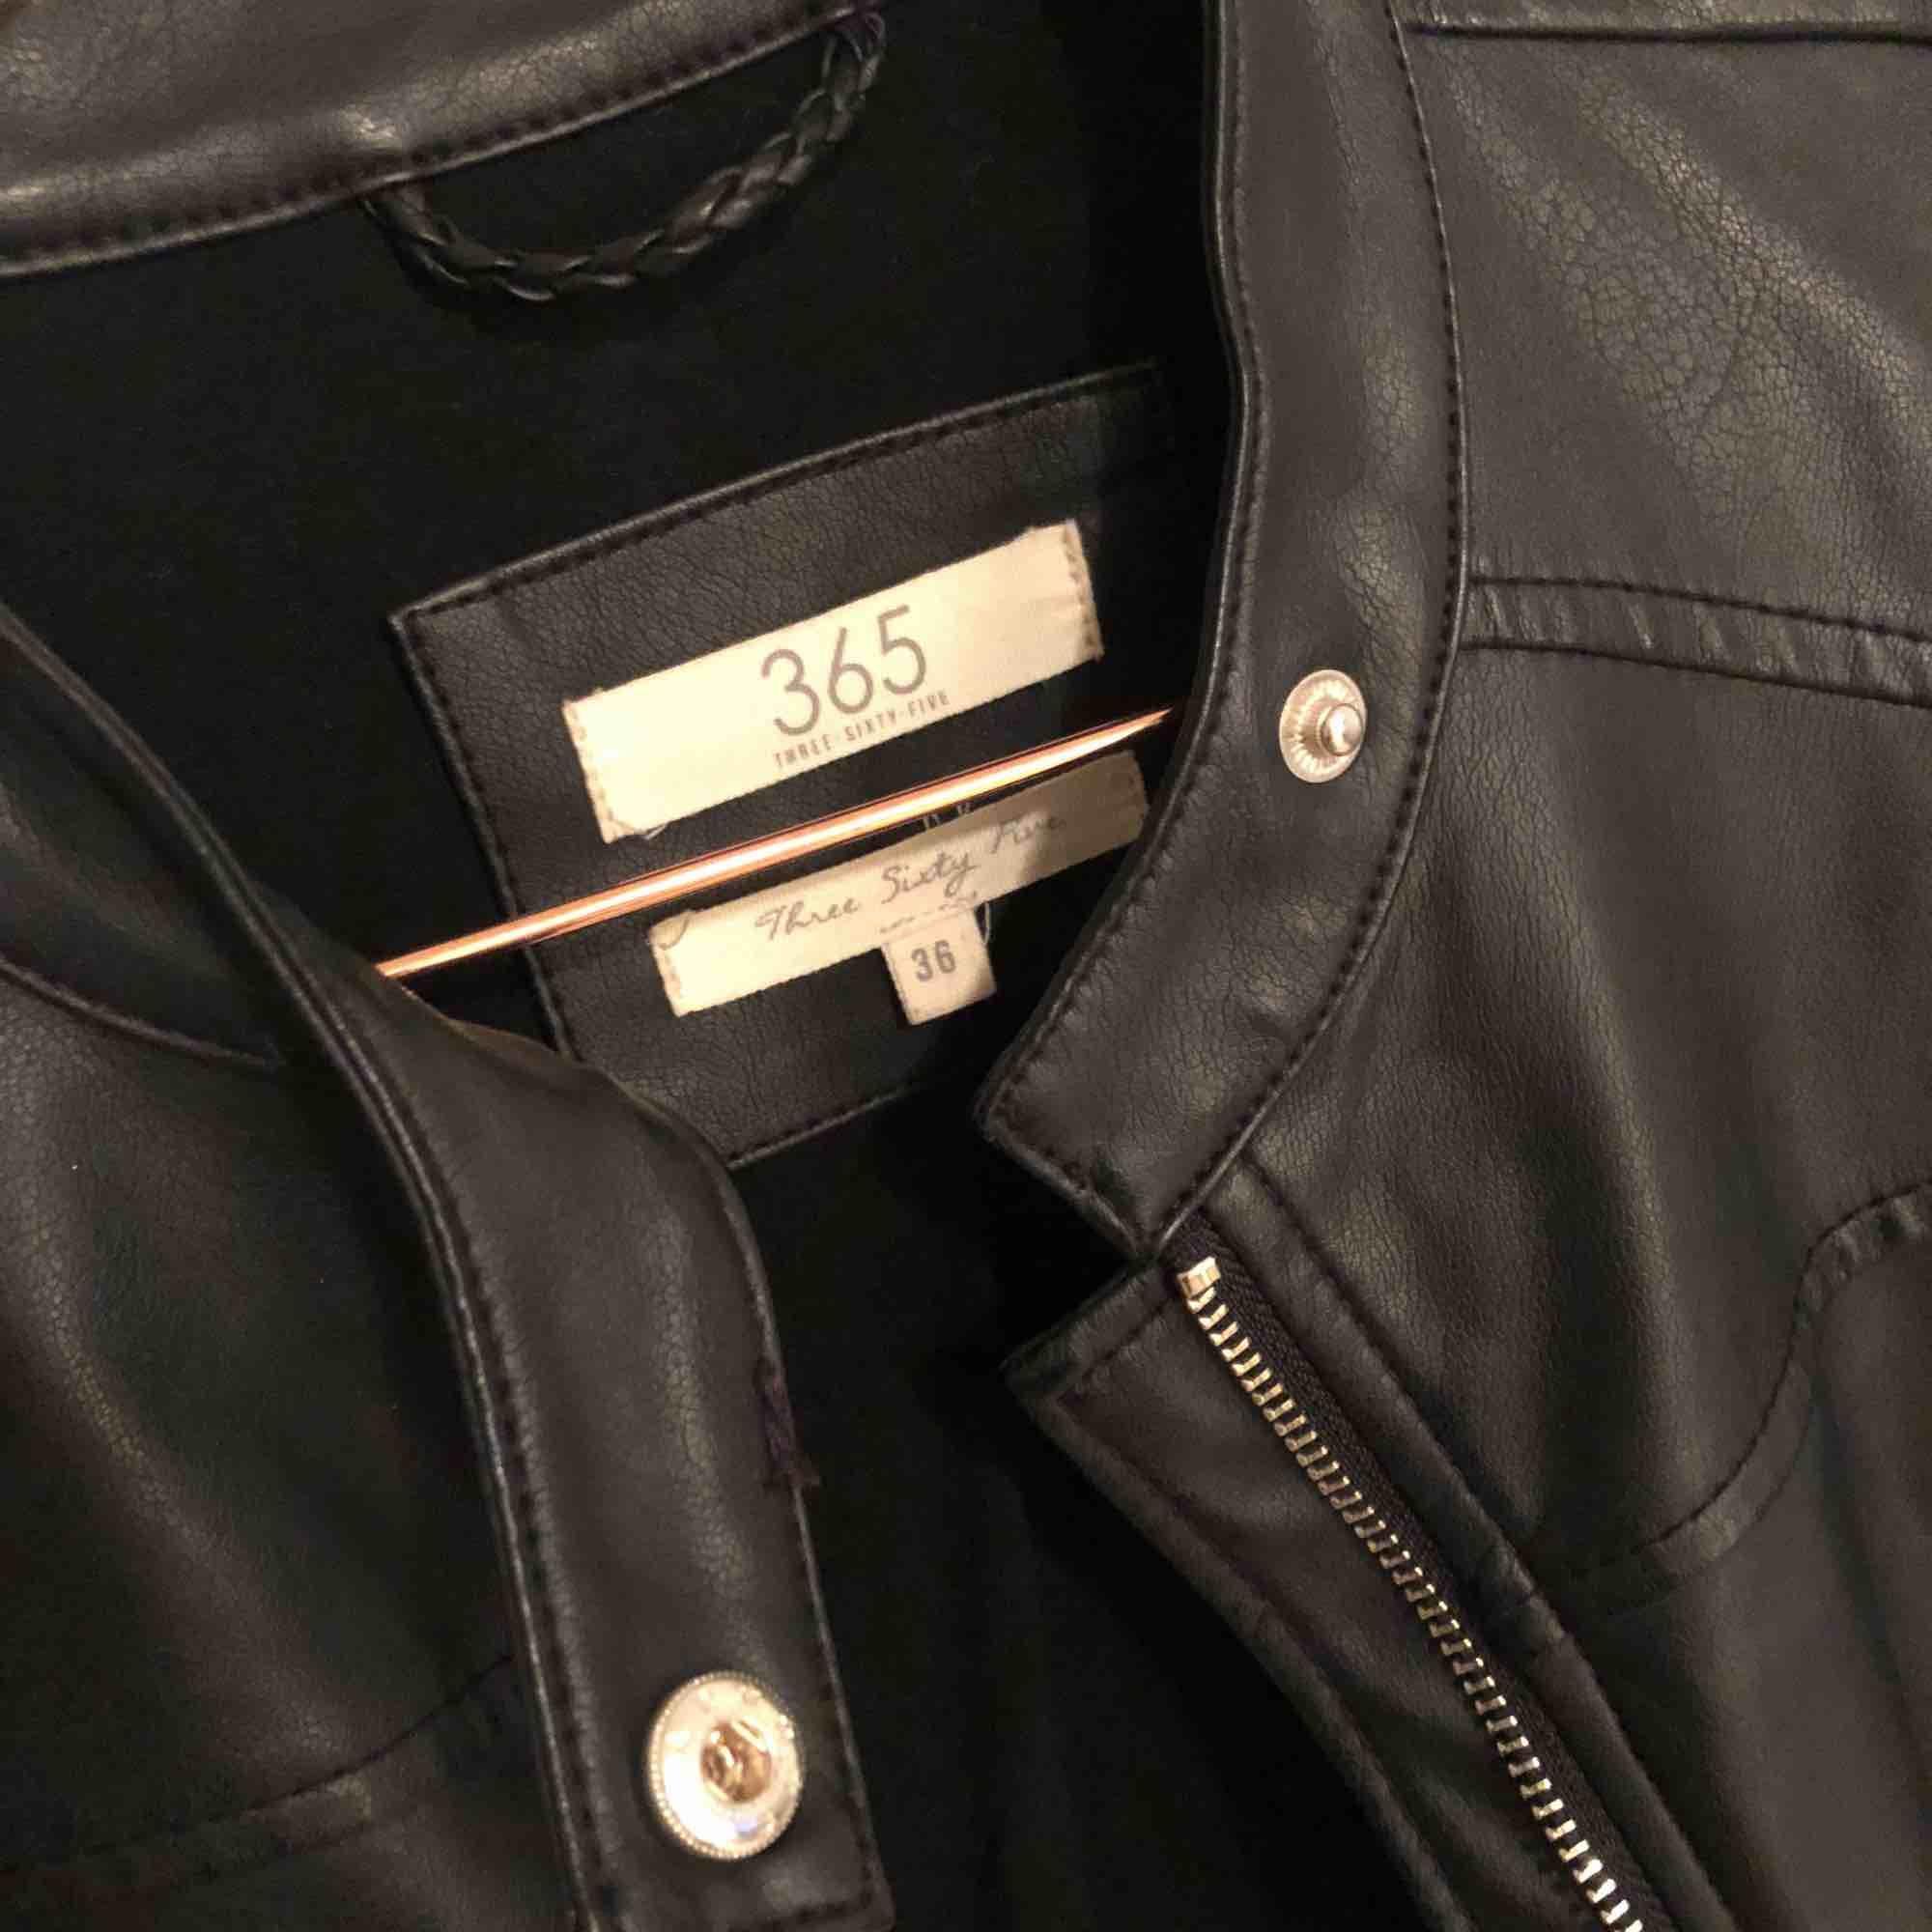 Sparsamt använd då jag har för många liknande skinnjackor så väljer att sälja denna nu ☺️ Skickar gärna fler bilder med jackan på!   Obs! Inte äkta skinn. . Jackor.